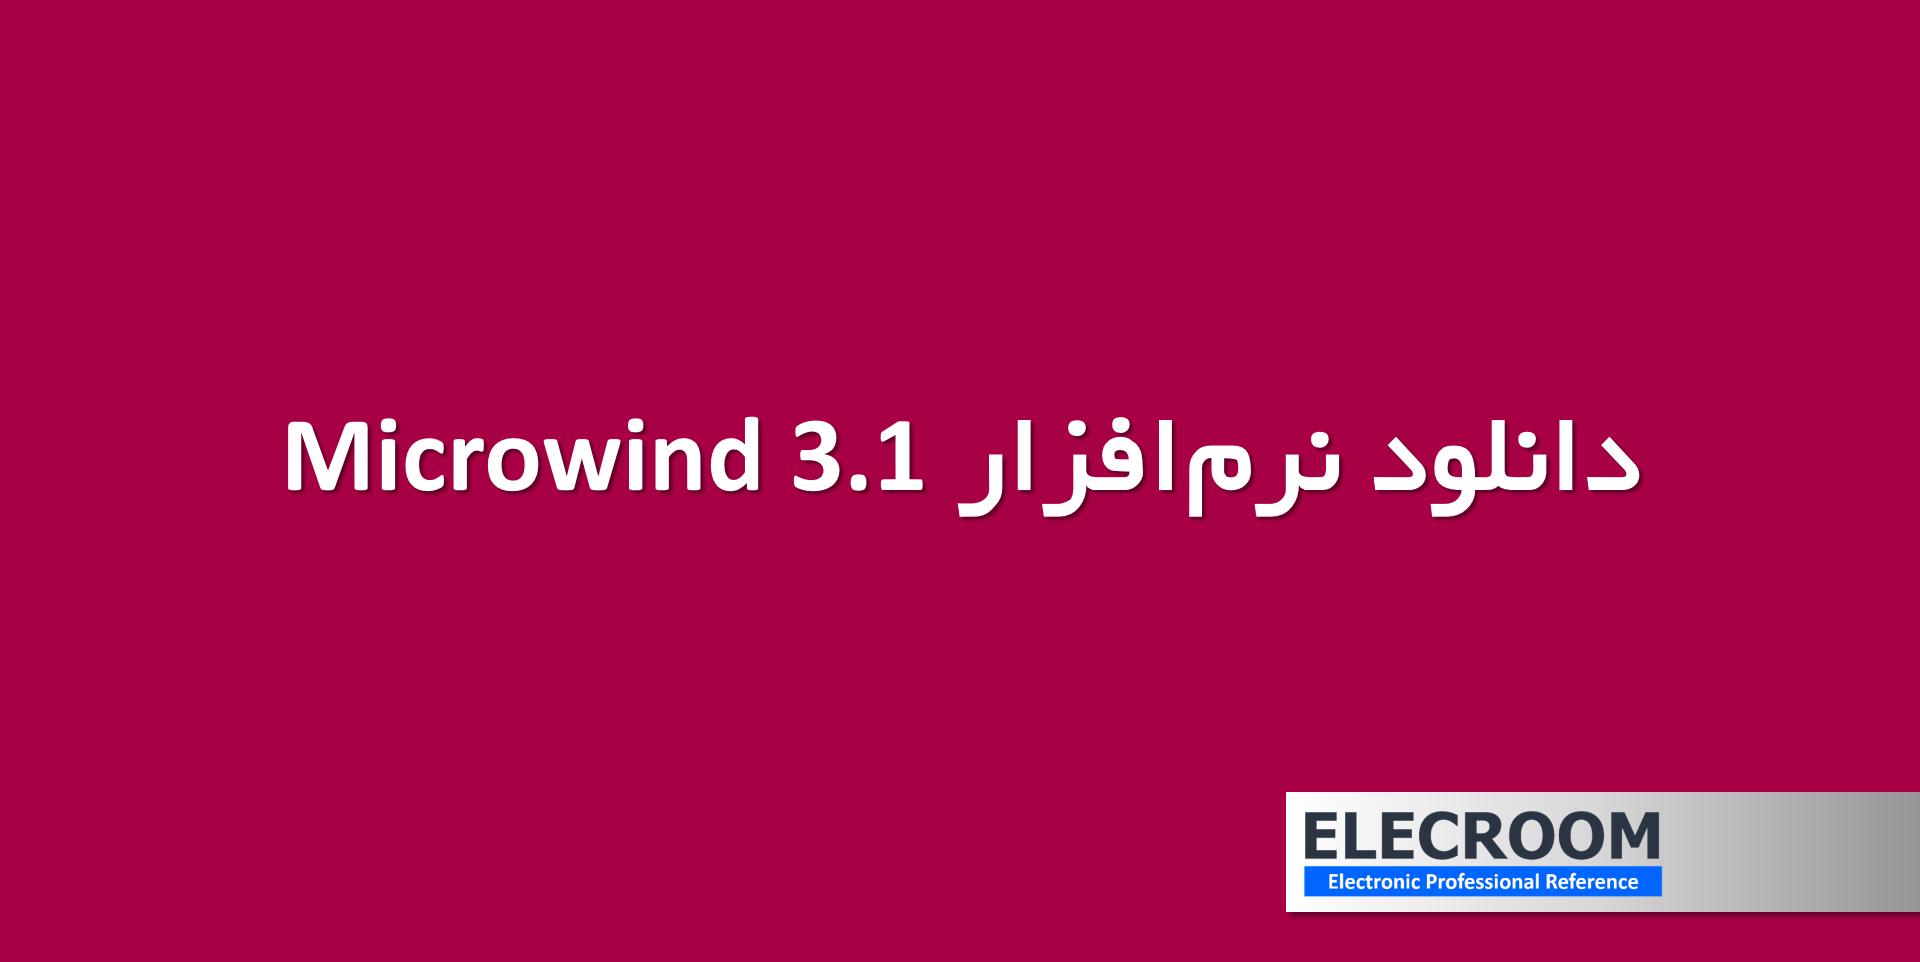 دانلود نرم افزار Microwind 3.1